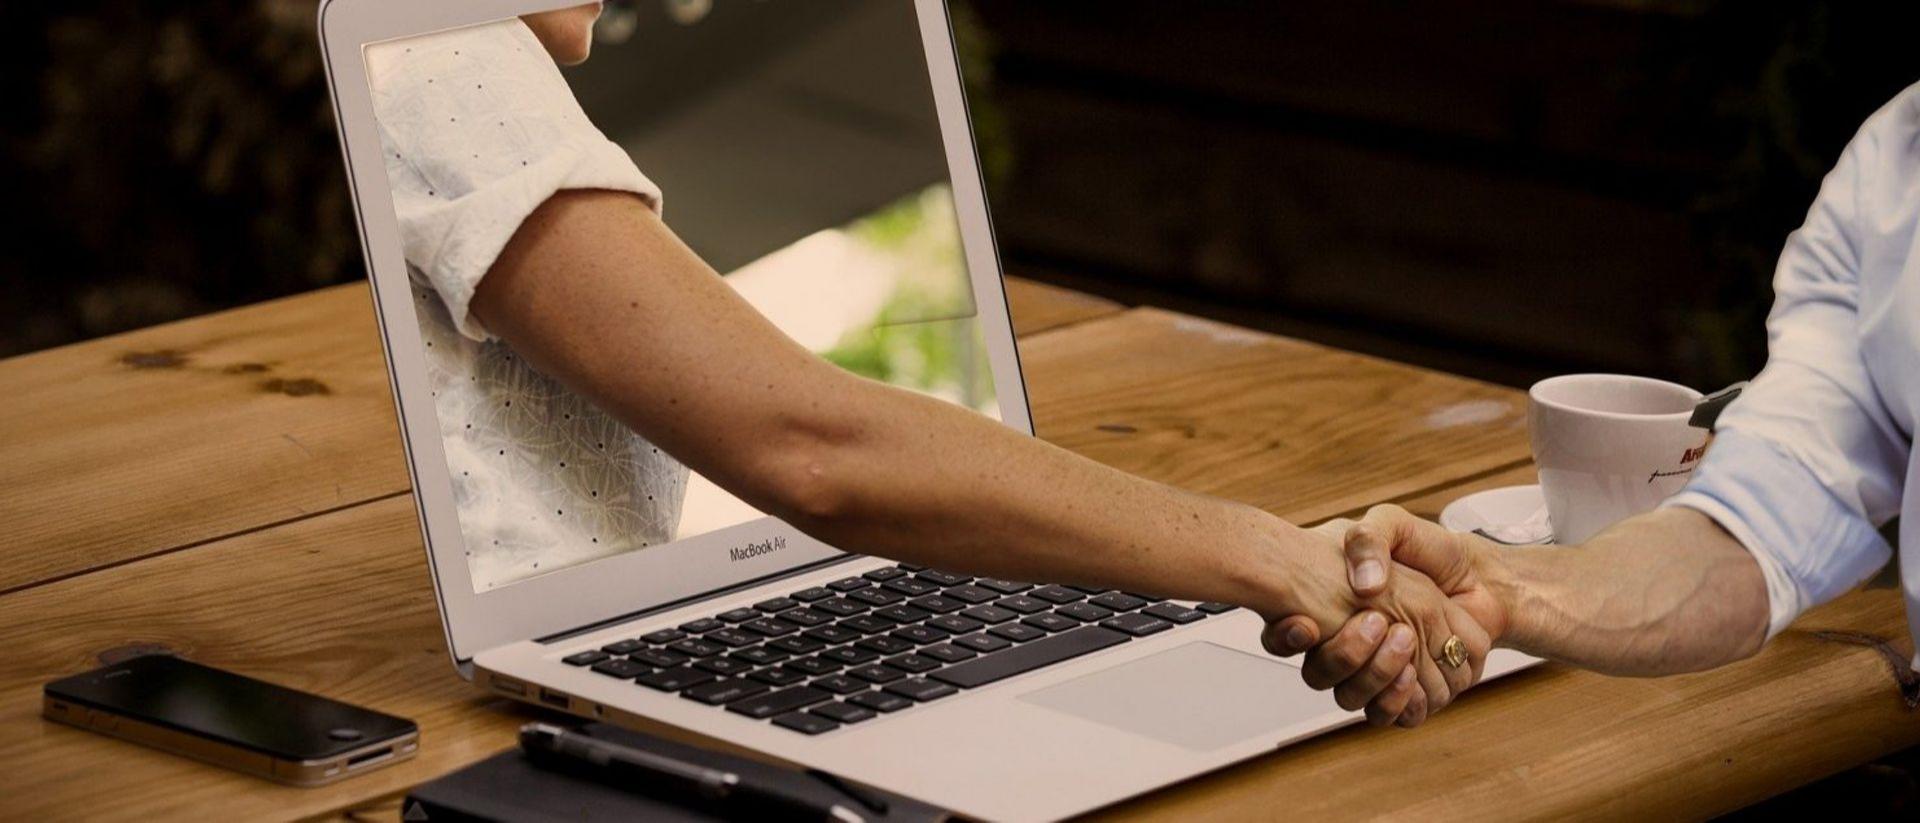 Gemeinsam online – Digital durch die Krise mit einer lokalen Werbeplattform und City-App